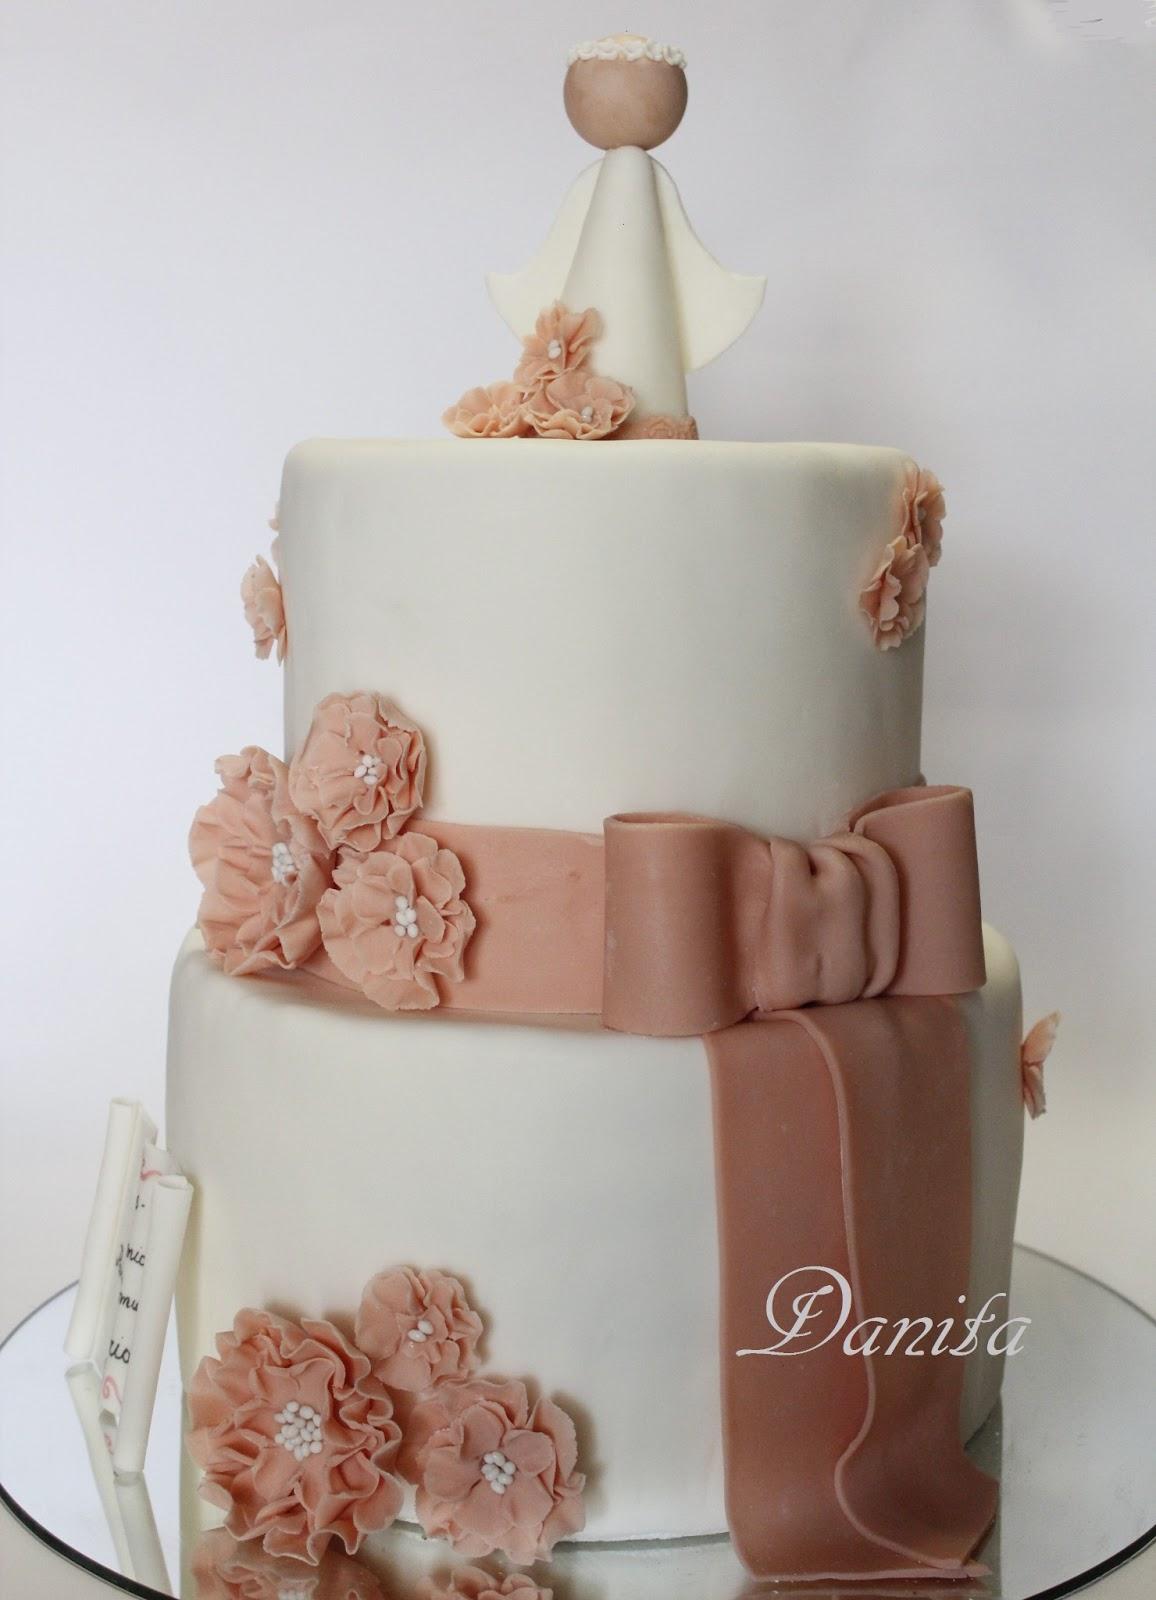 Super Le leccornie di Danita: Torta comunione per una bellissima bambina RT07